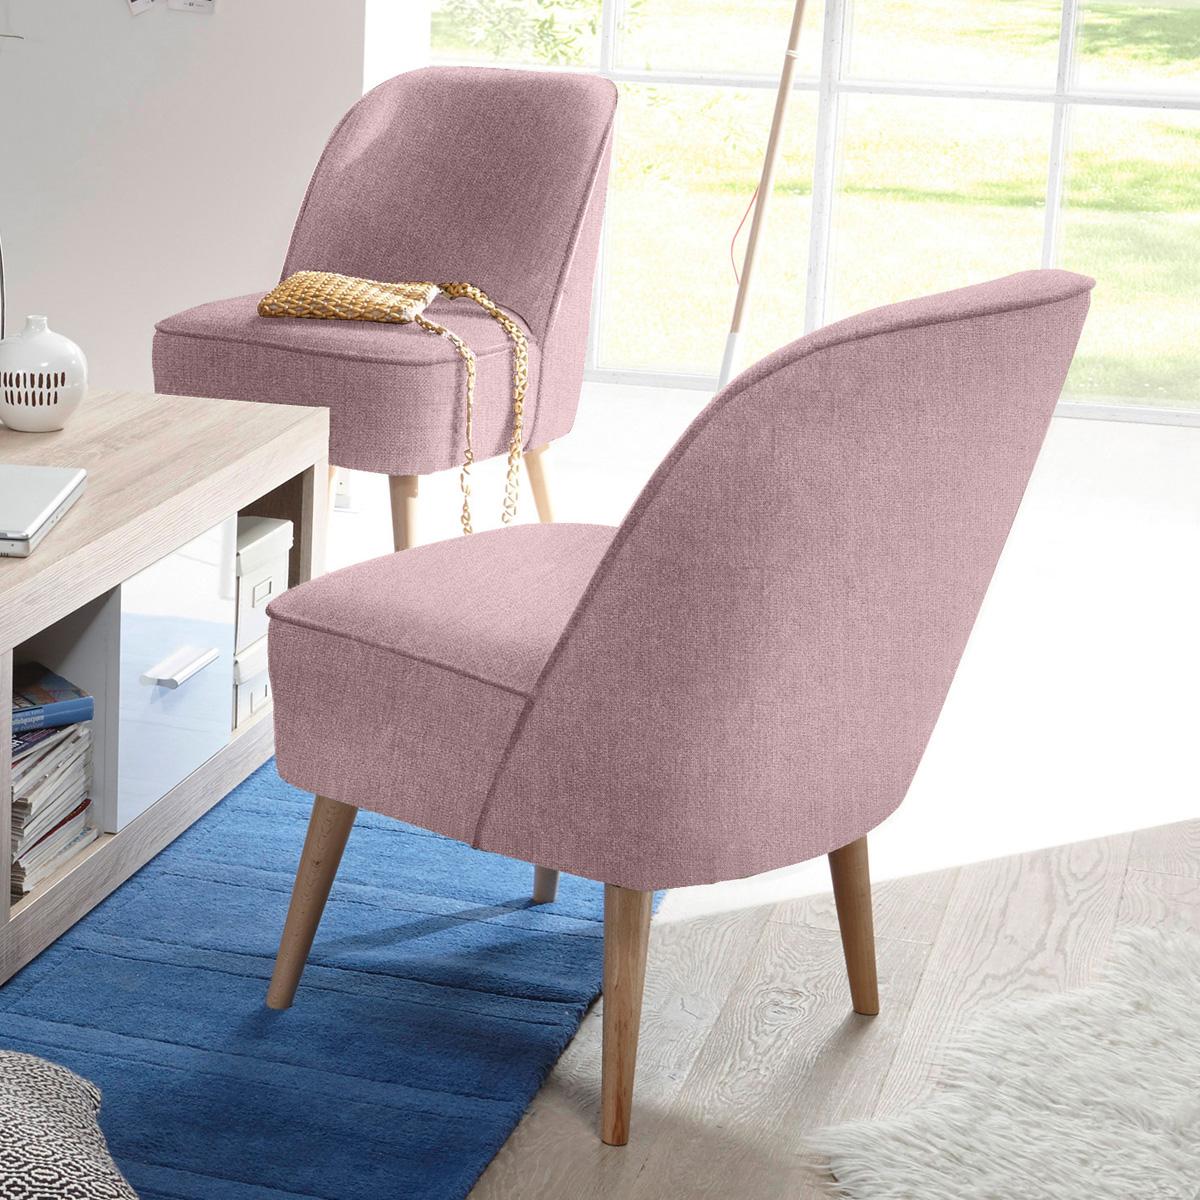 polsterstuhl pino esszimmerstuhl sessel stoff gr n grau. Black Bedroom Furniture Sets. Home Design Ideas